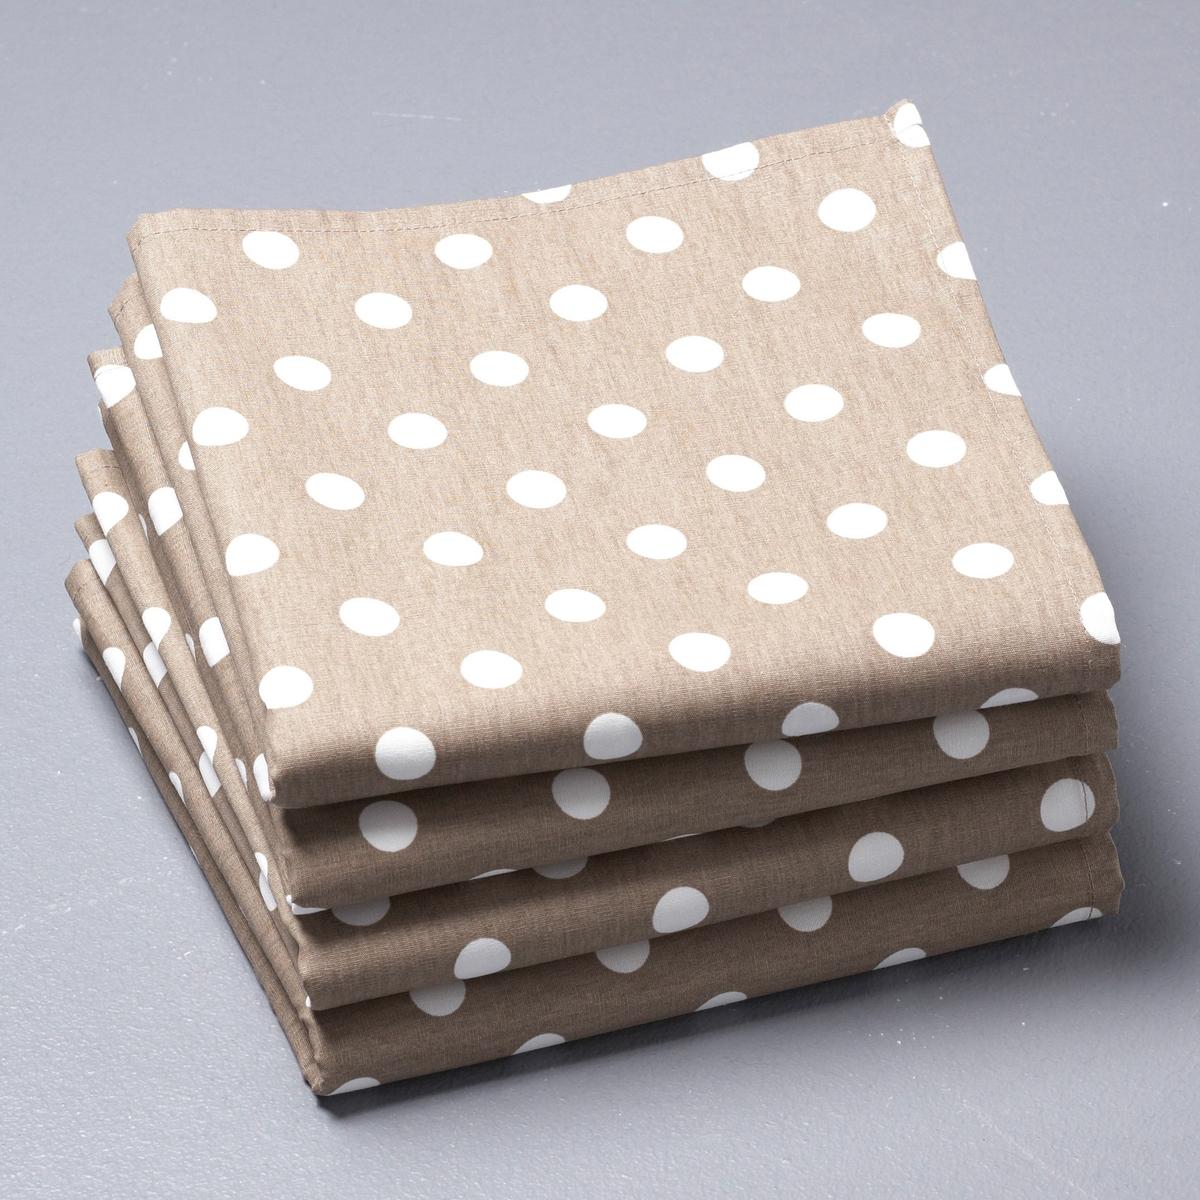 4 салфетки для приборовСалфетки в горошек GARDEN-PARTY. 100% хлопка. Размер 45 х 45 см. Стирка при 40°. В комплекте 4 салфетки. Превосходная стойкость цвета.<br><br>Цвет: серо-коричневый,серый/ белый<br>Размер: 45 x 45  см